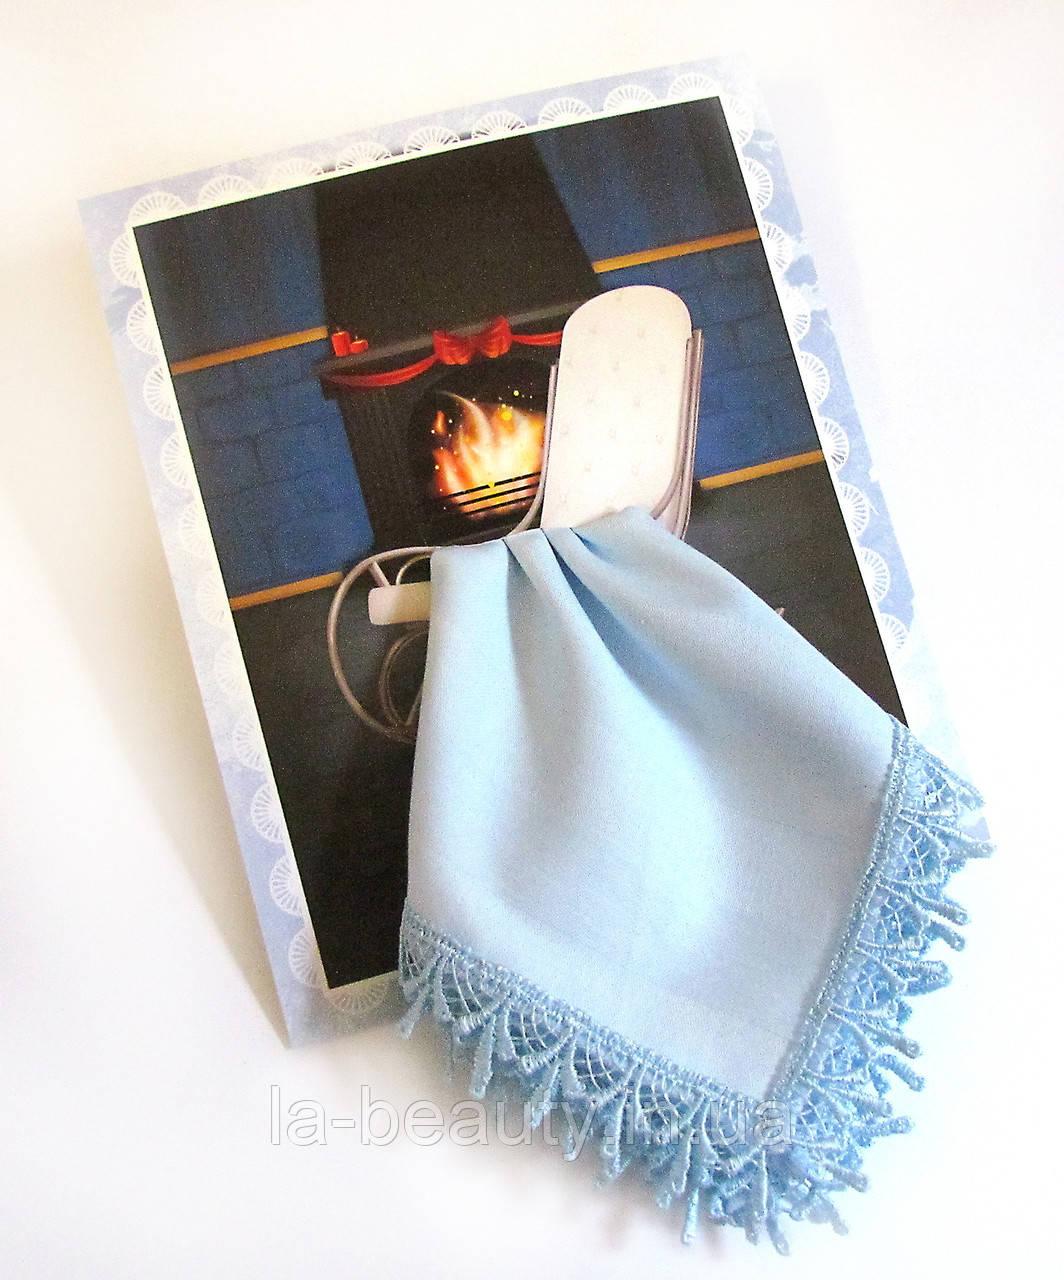 Подарочный носовой платок Плед на кресле у камина голубой с кружевом